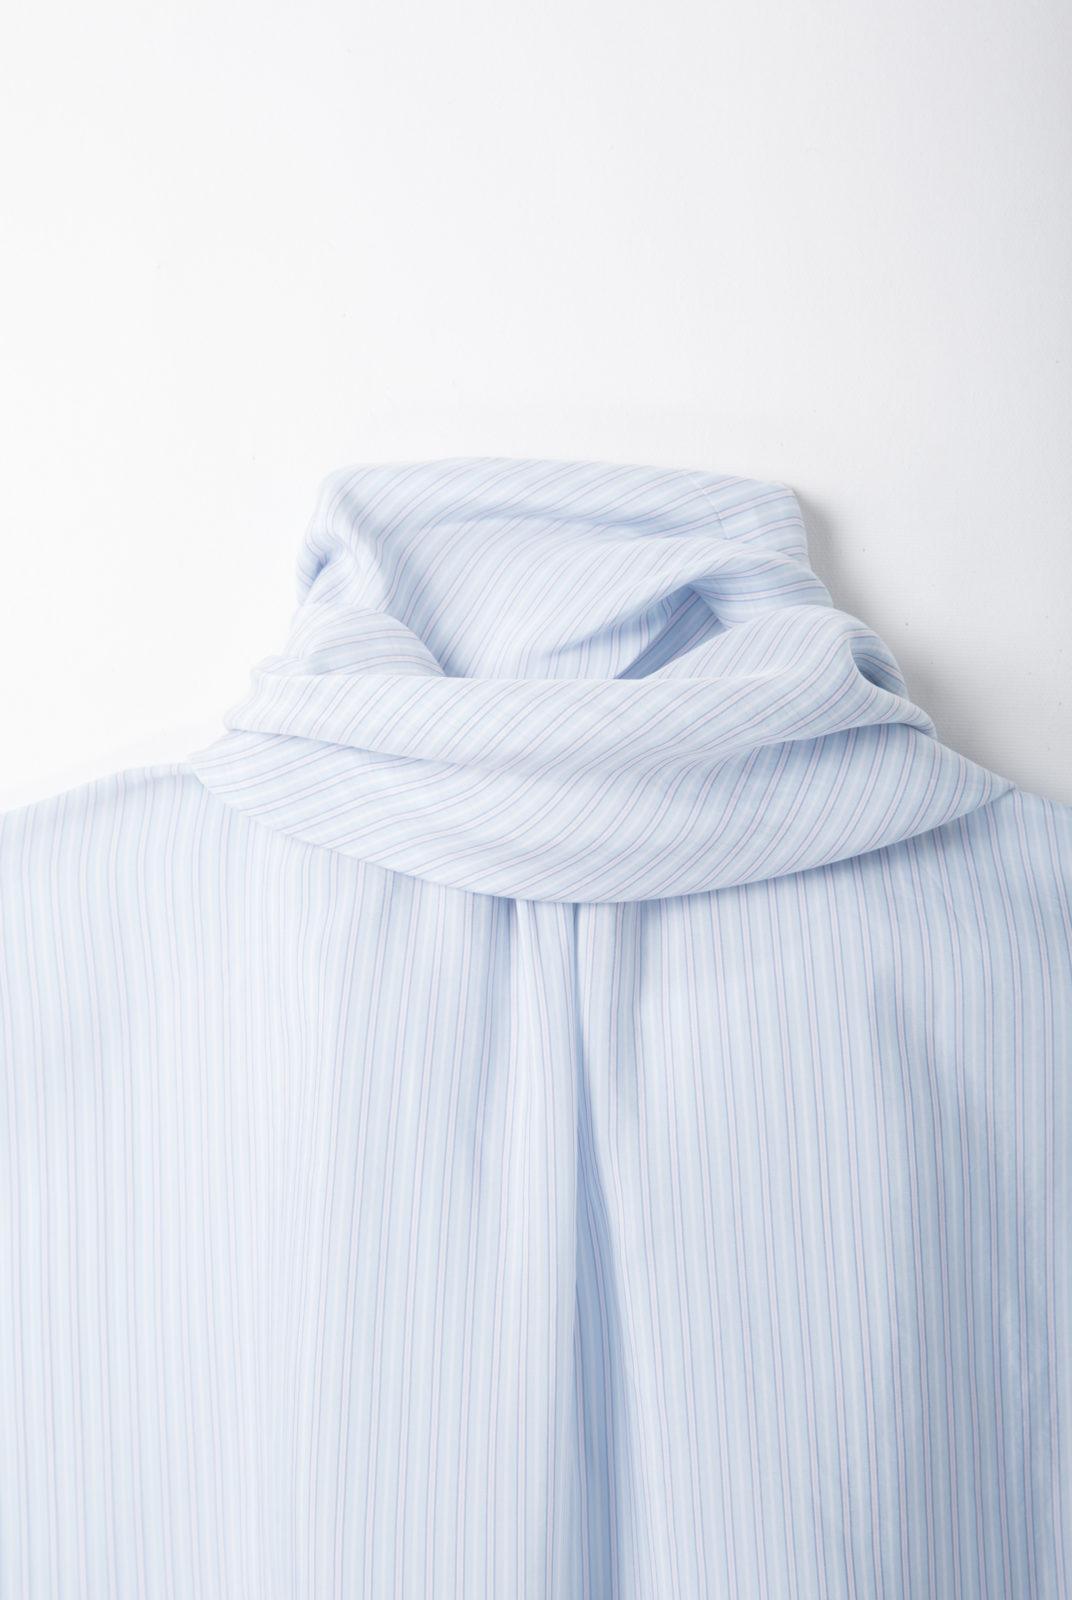 blouse écharpe, à rayure blanche bleue et rose, silhouette ample, fermeture boutonnée, roseanna